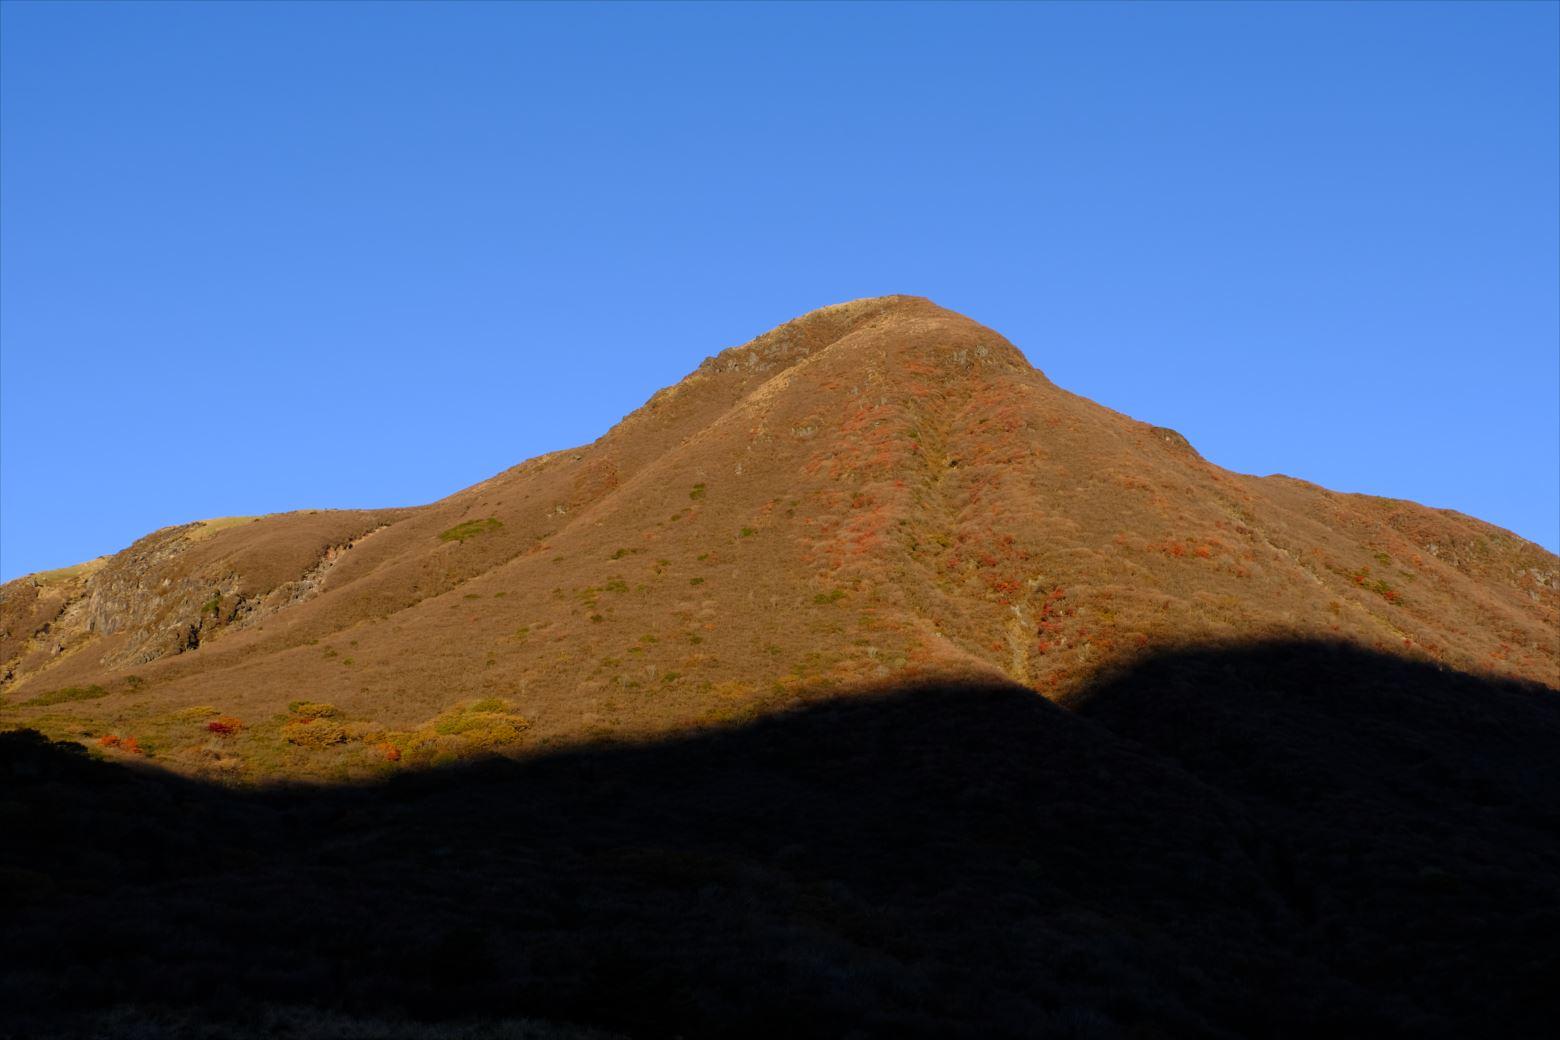 (山岳)、ちでしちみつ) (2)